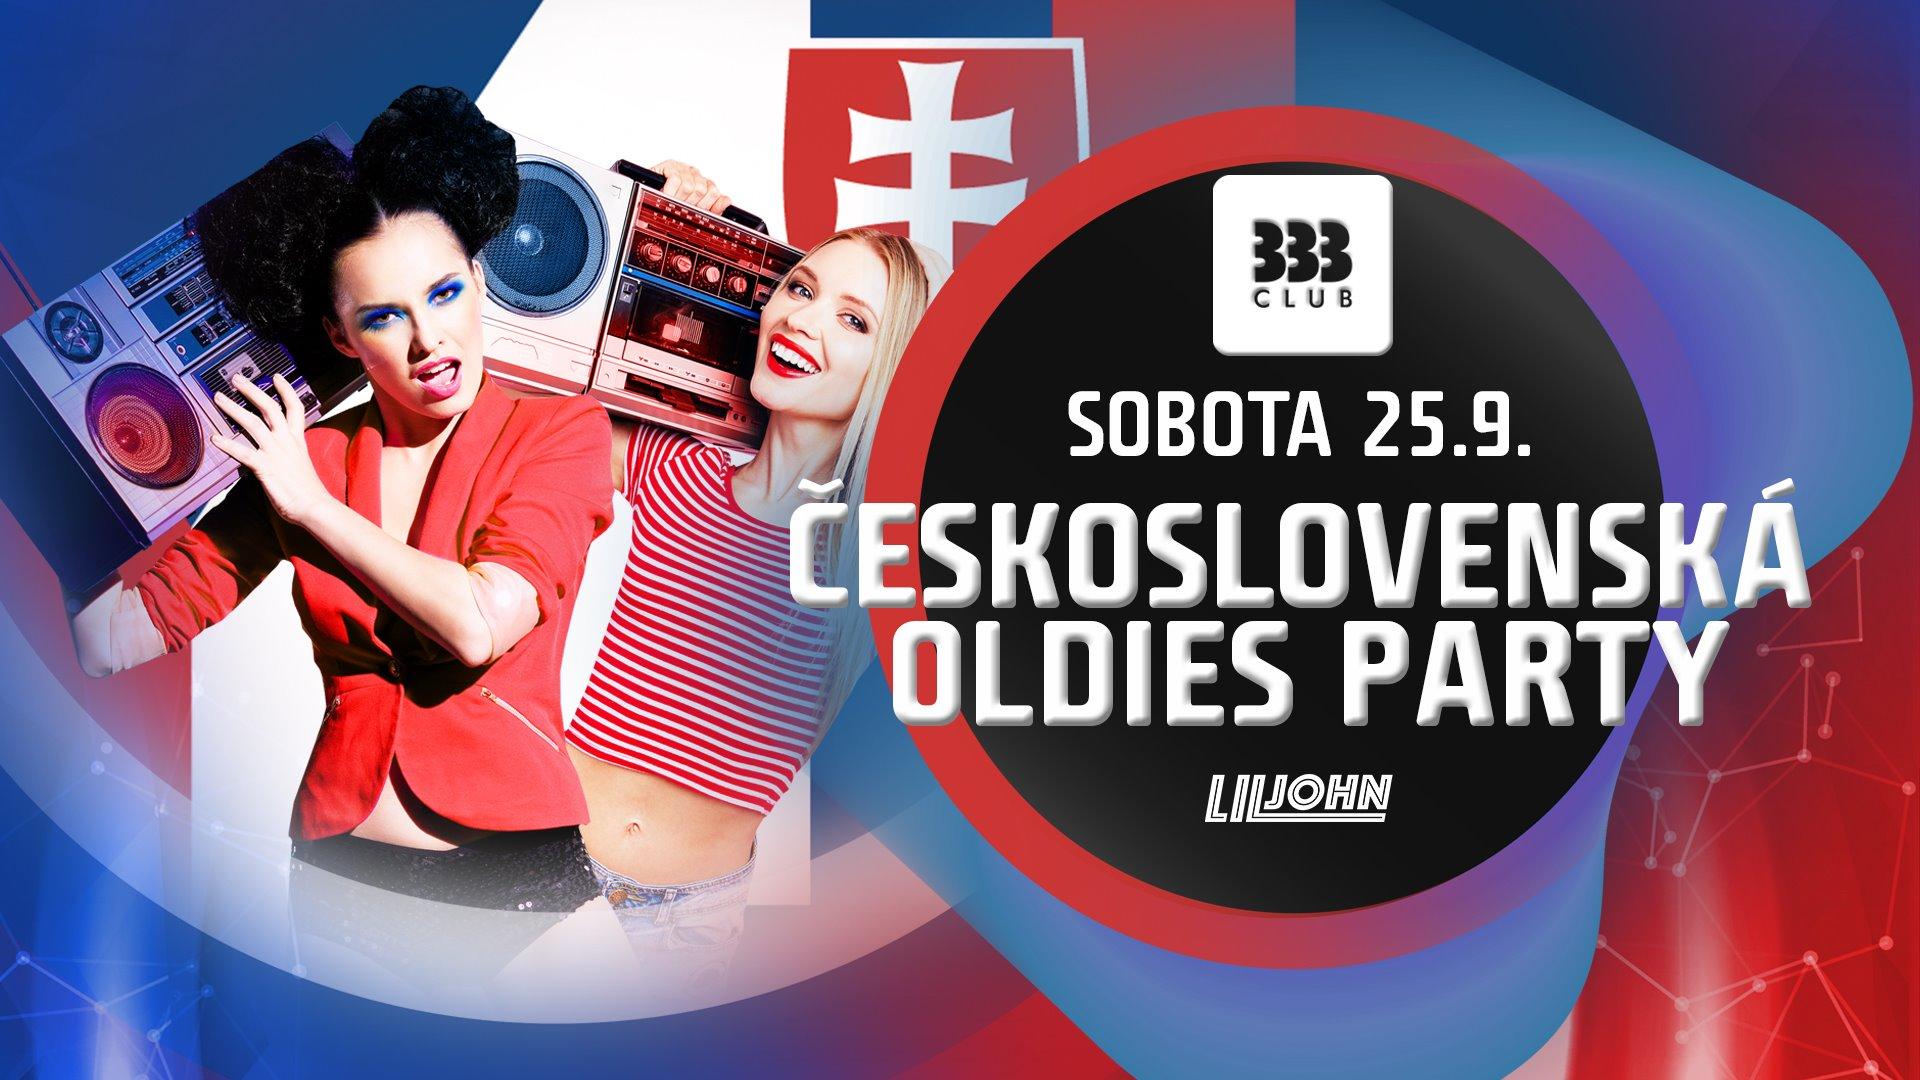 ☆ ČeskoSlovenská Oldies Party ☆ 25.9.